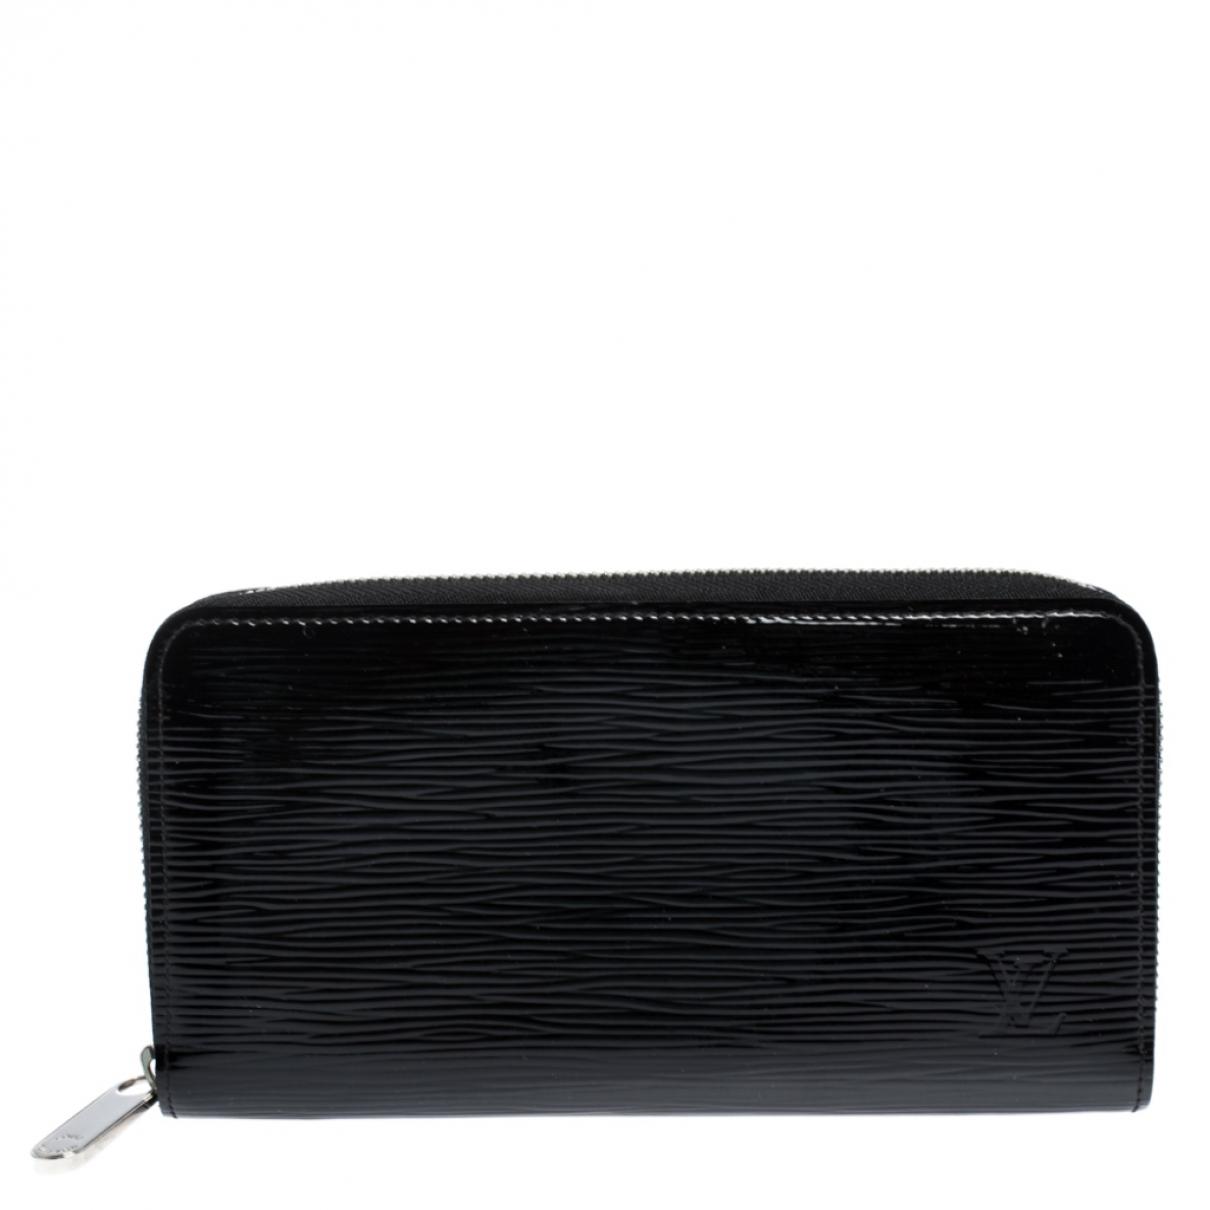 Louis Vuitton - Portefeuille Zippy pour femme en cuir verni - noir